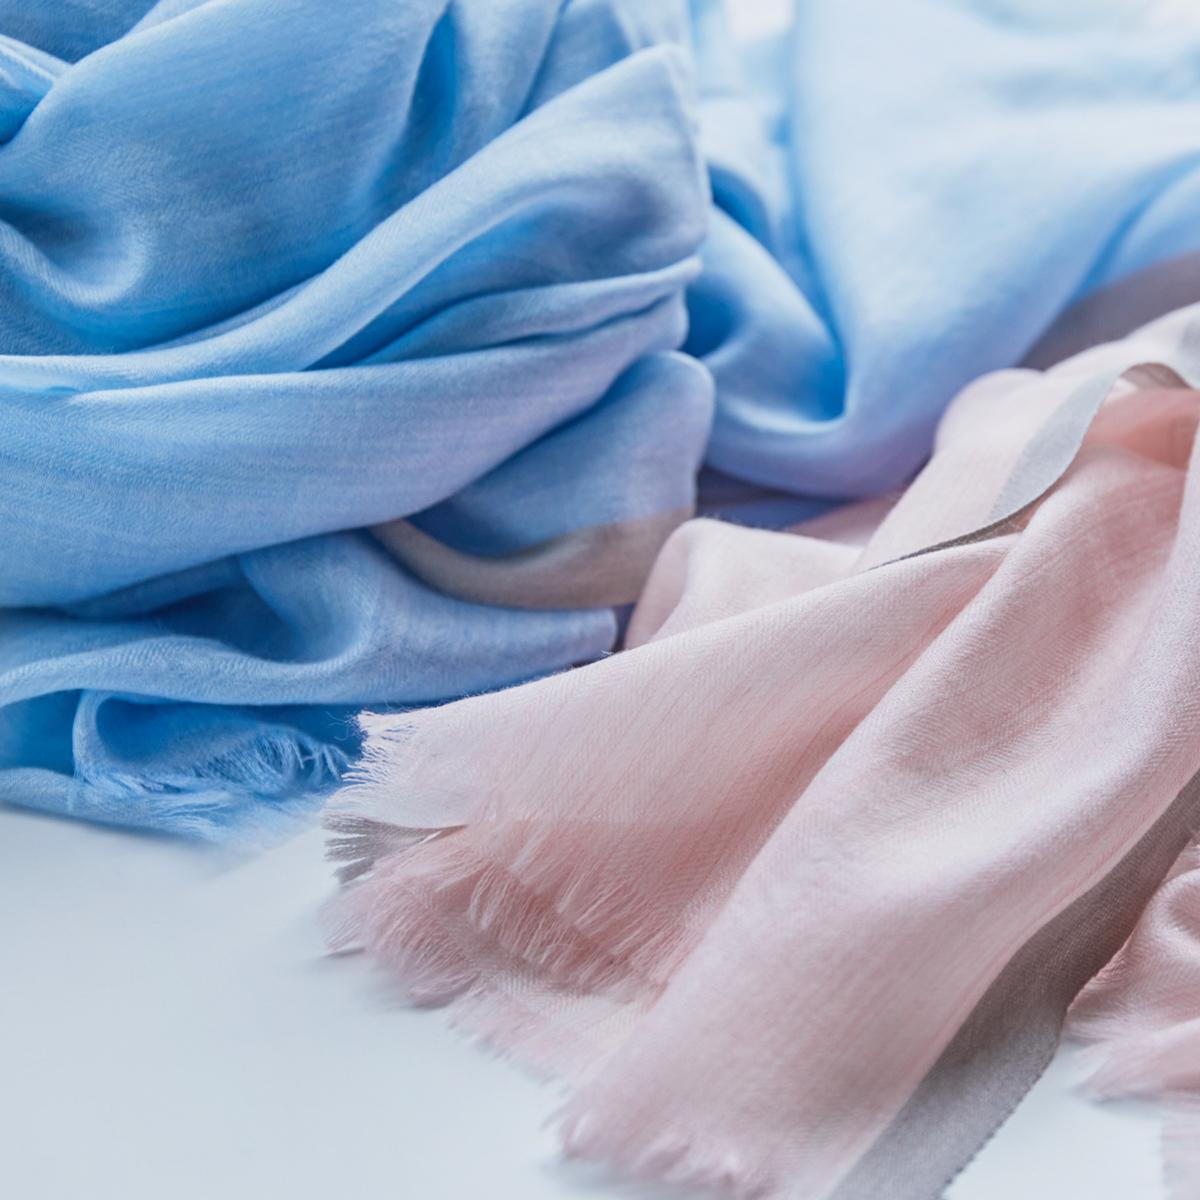 ピンクとサックスブルー。大人のパステルカラーと光沢感で顔色明るく。肌触りも、うっとりするほど柔らかい上質な薄手の大判ストール|ADOS(エイドス)NAGI